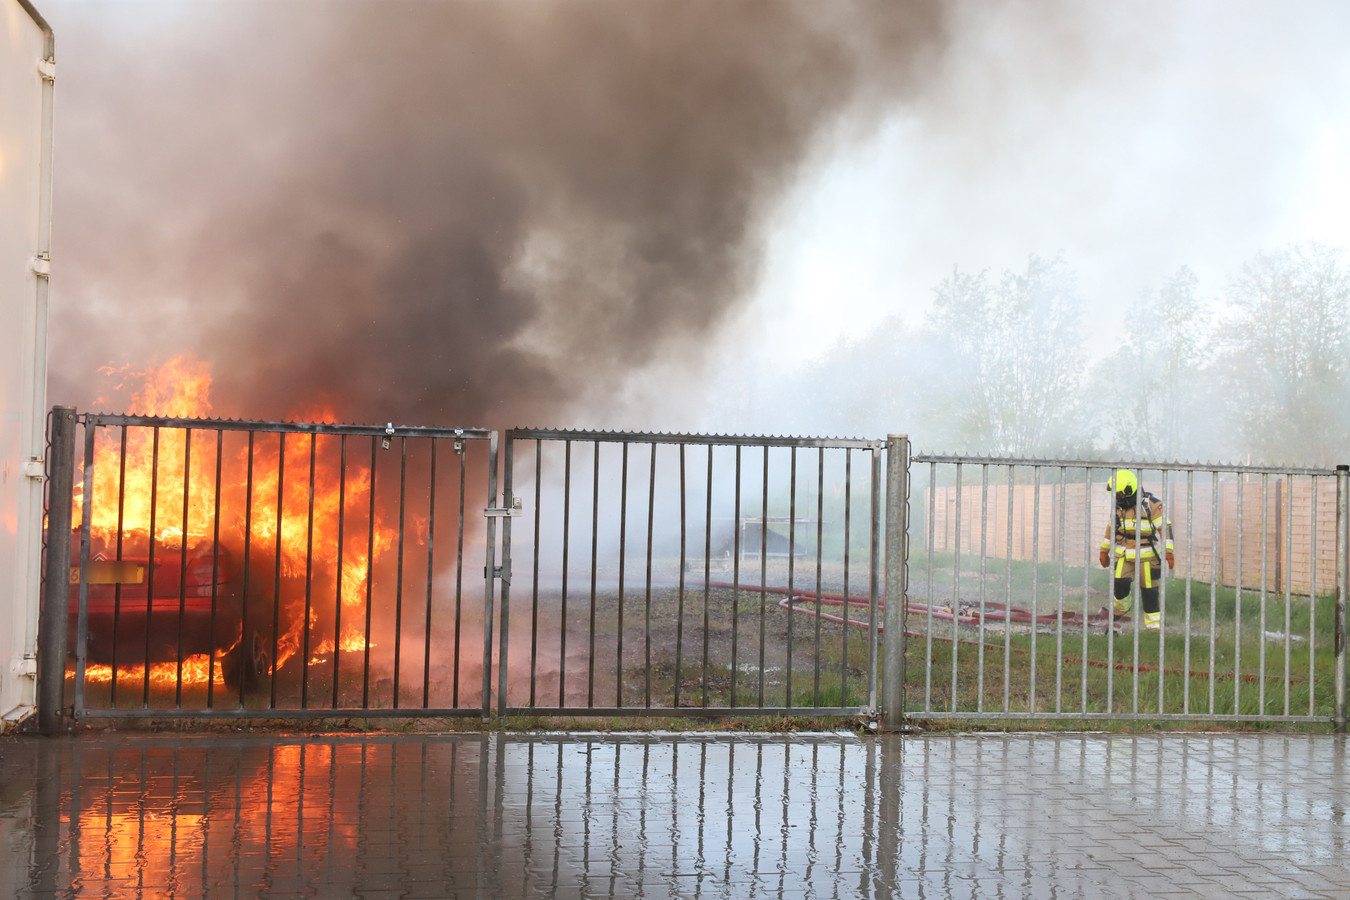 De brand in Dreumel zorgde voor flinke rookpluimen.